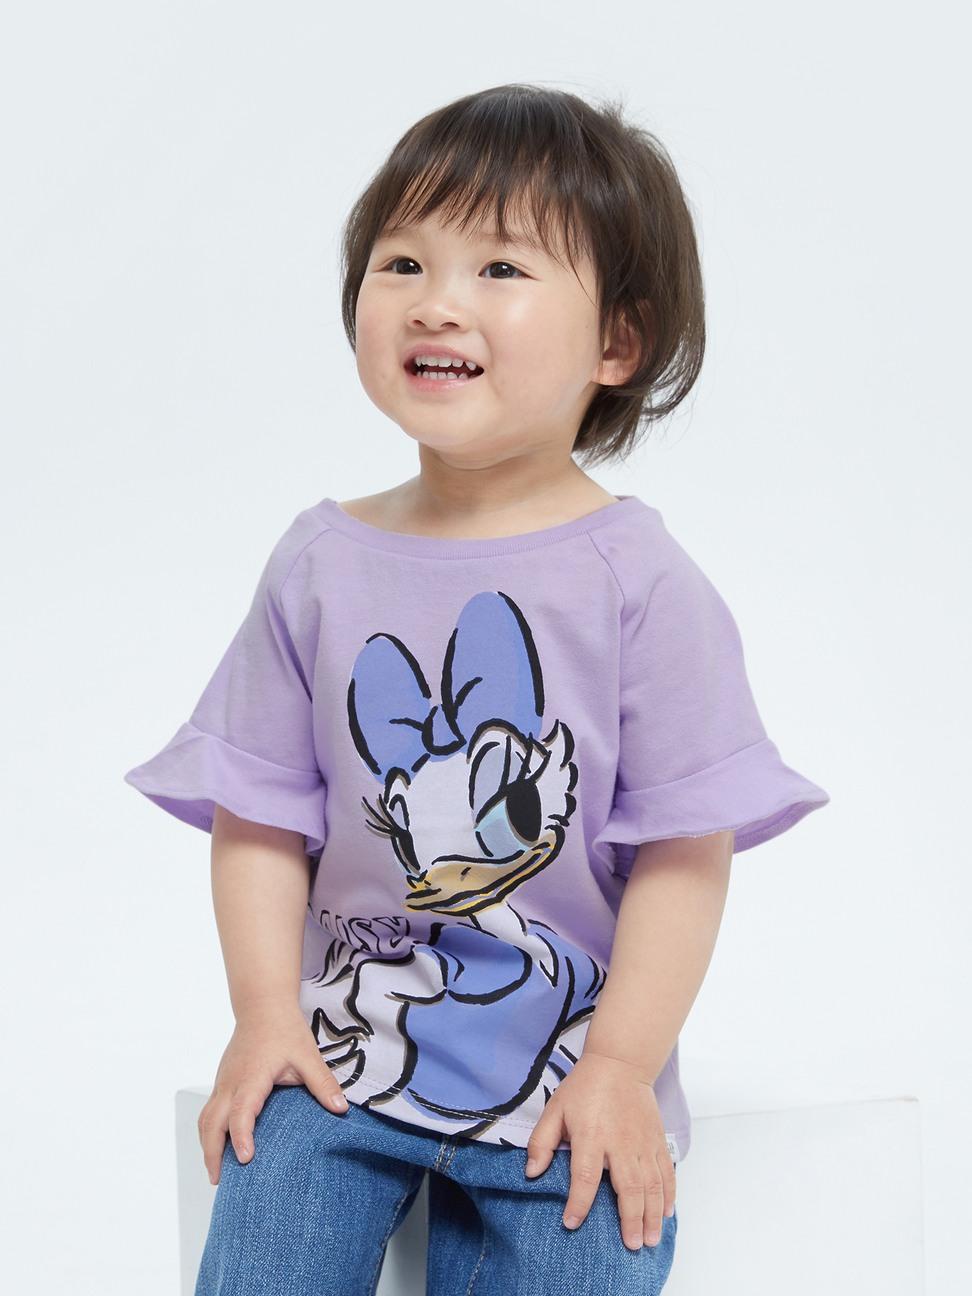 幼童 Gap x Disney 迪士尼系列短袖上衣